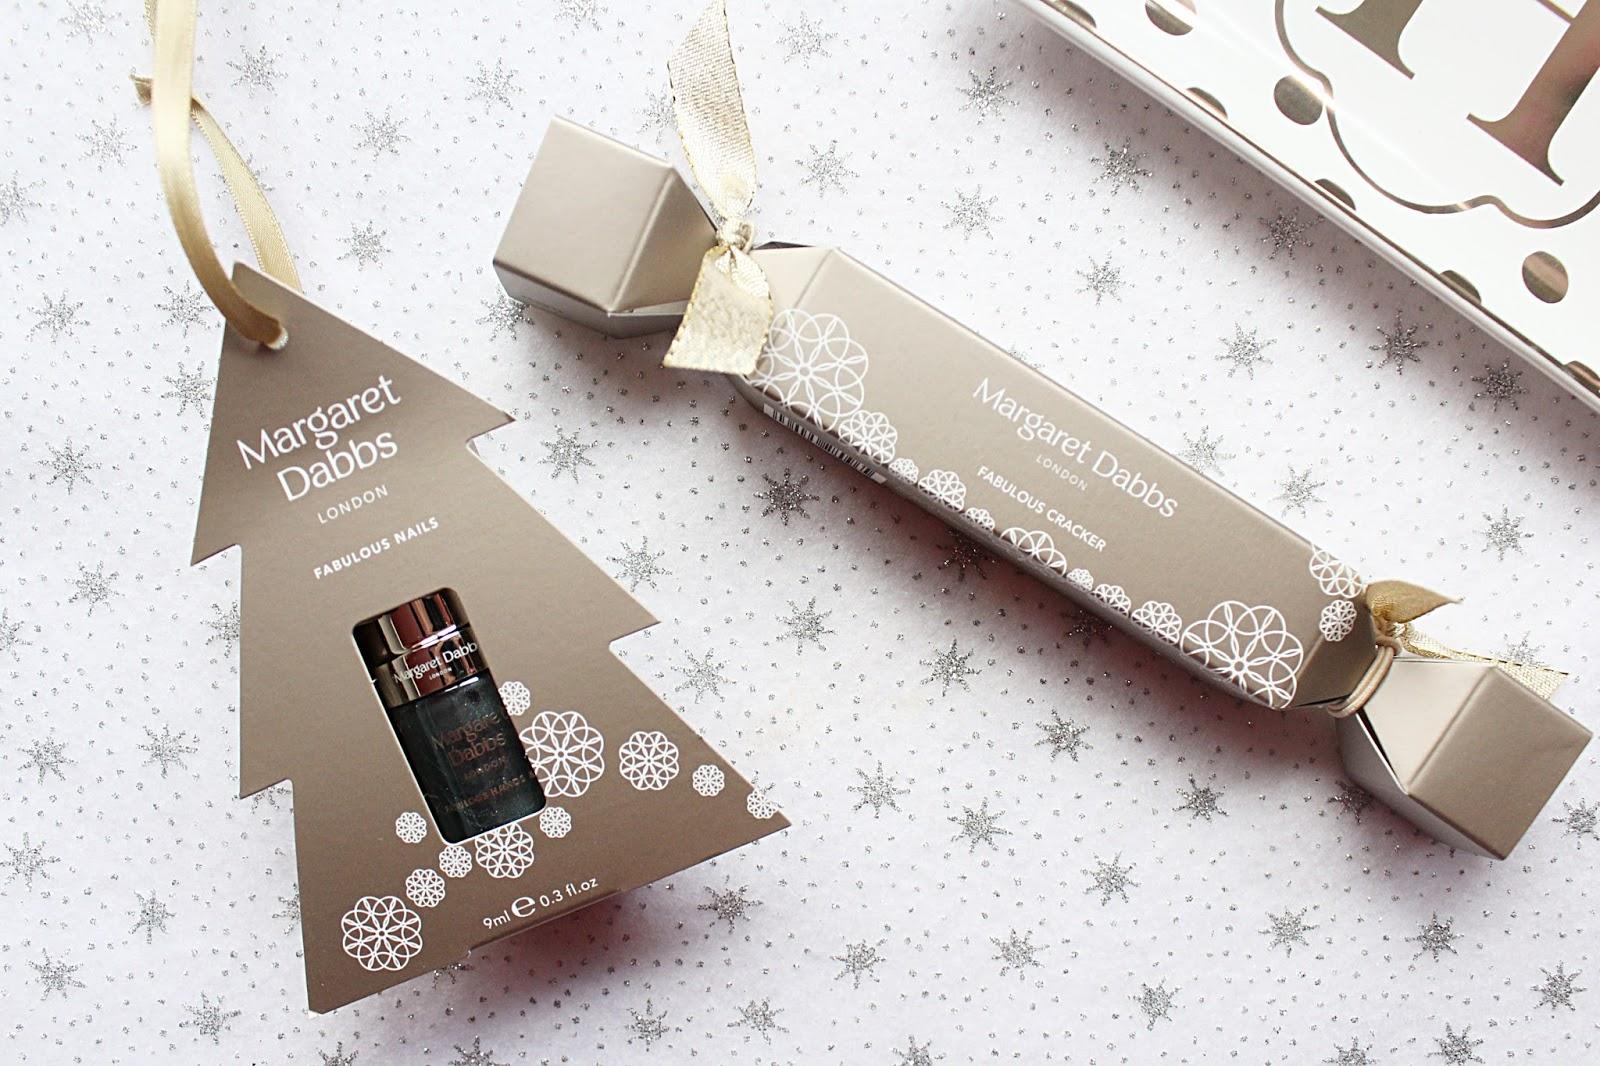 Margaret Dabbs Christmas Gifting